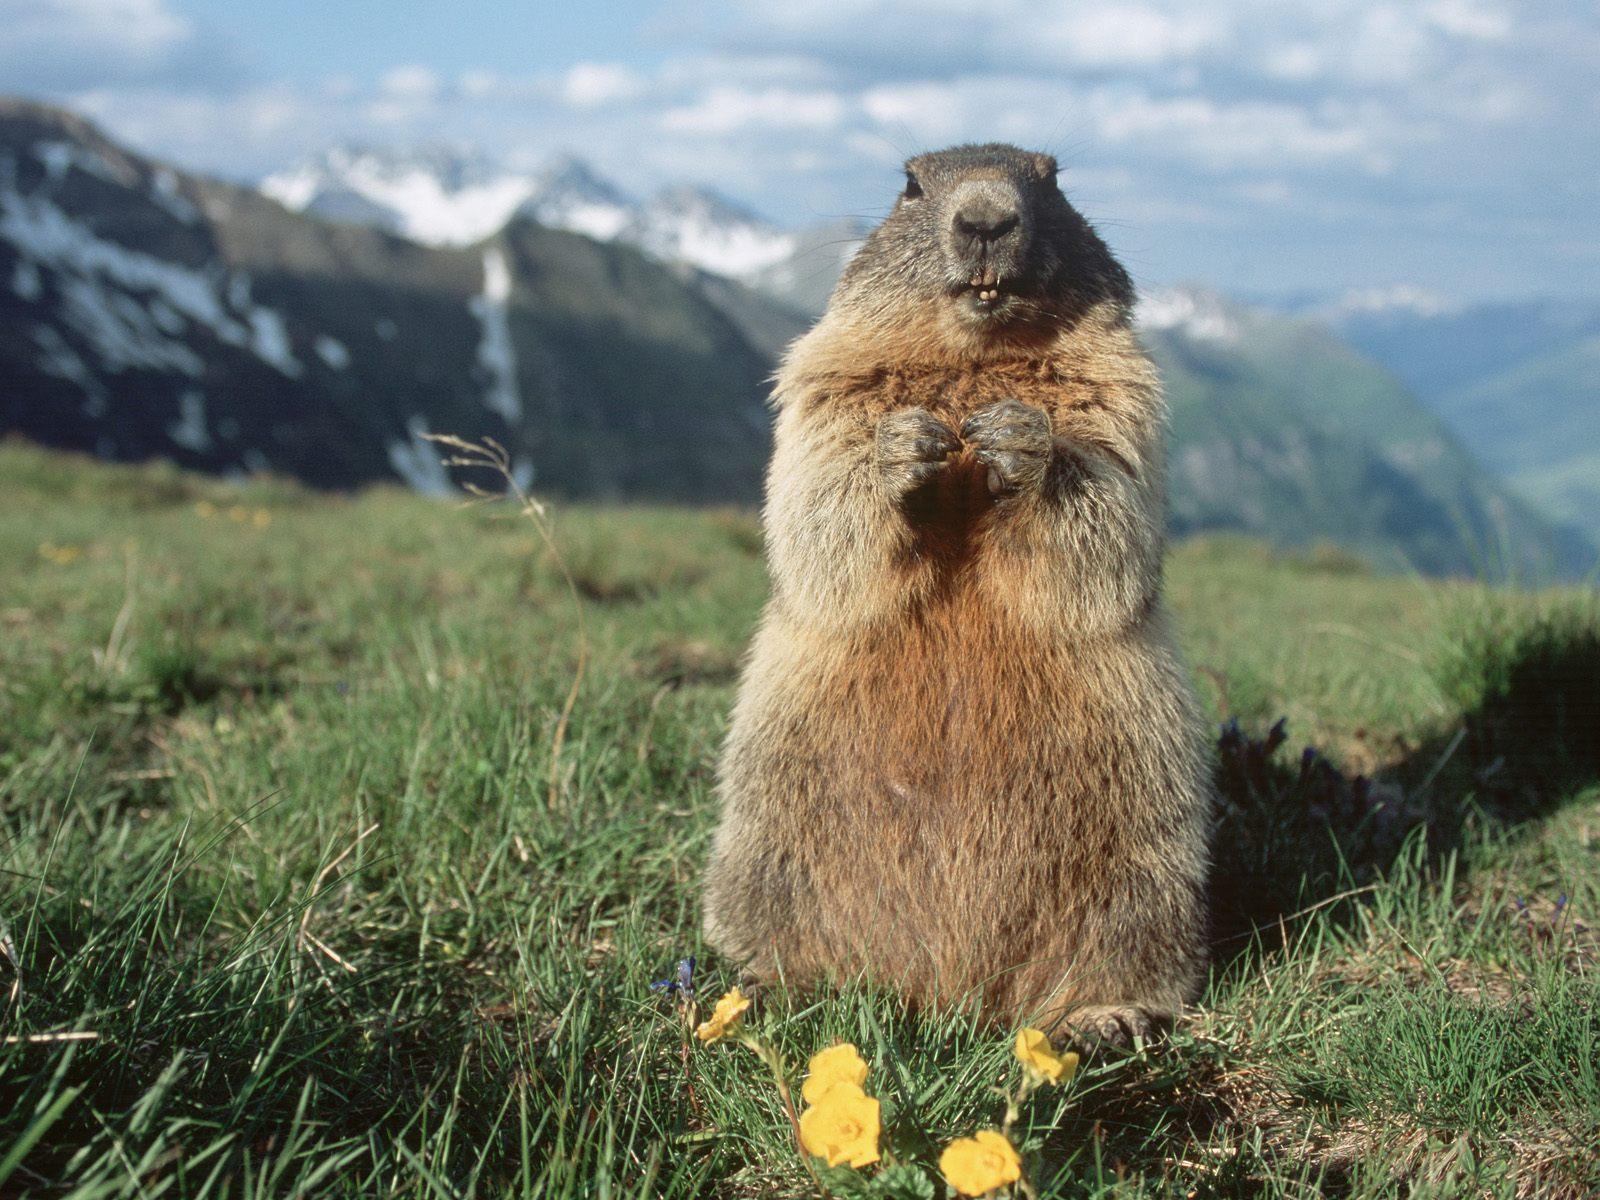 http://2.bp.blogspot.com/-pb07ZyTwOIM/TonI0vAbnoI/AAAAAAAAAYY/EuiZKsVXaUg/s1600/Alpine+Marmot%252C+Hohe+Tauern+National+Park%252C+Austria.jpg